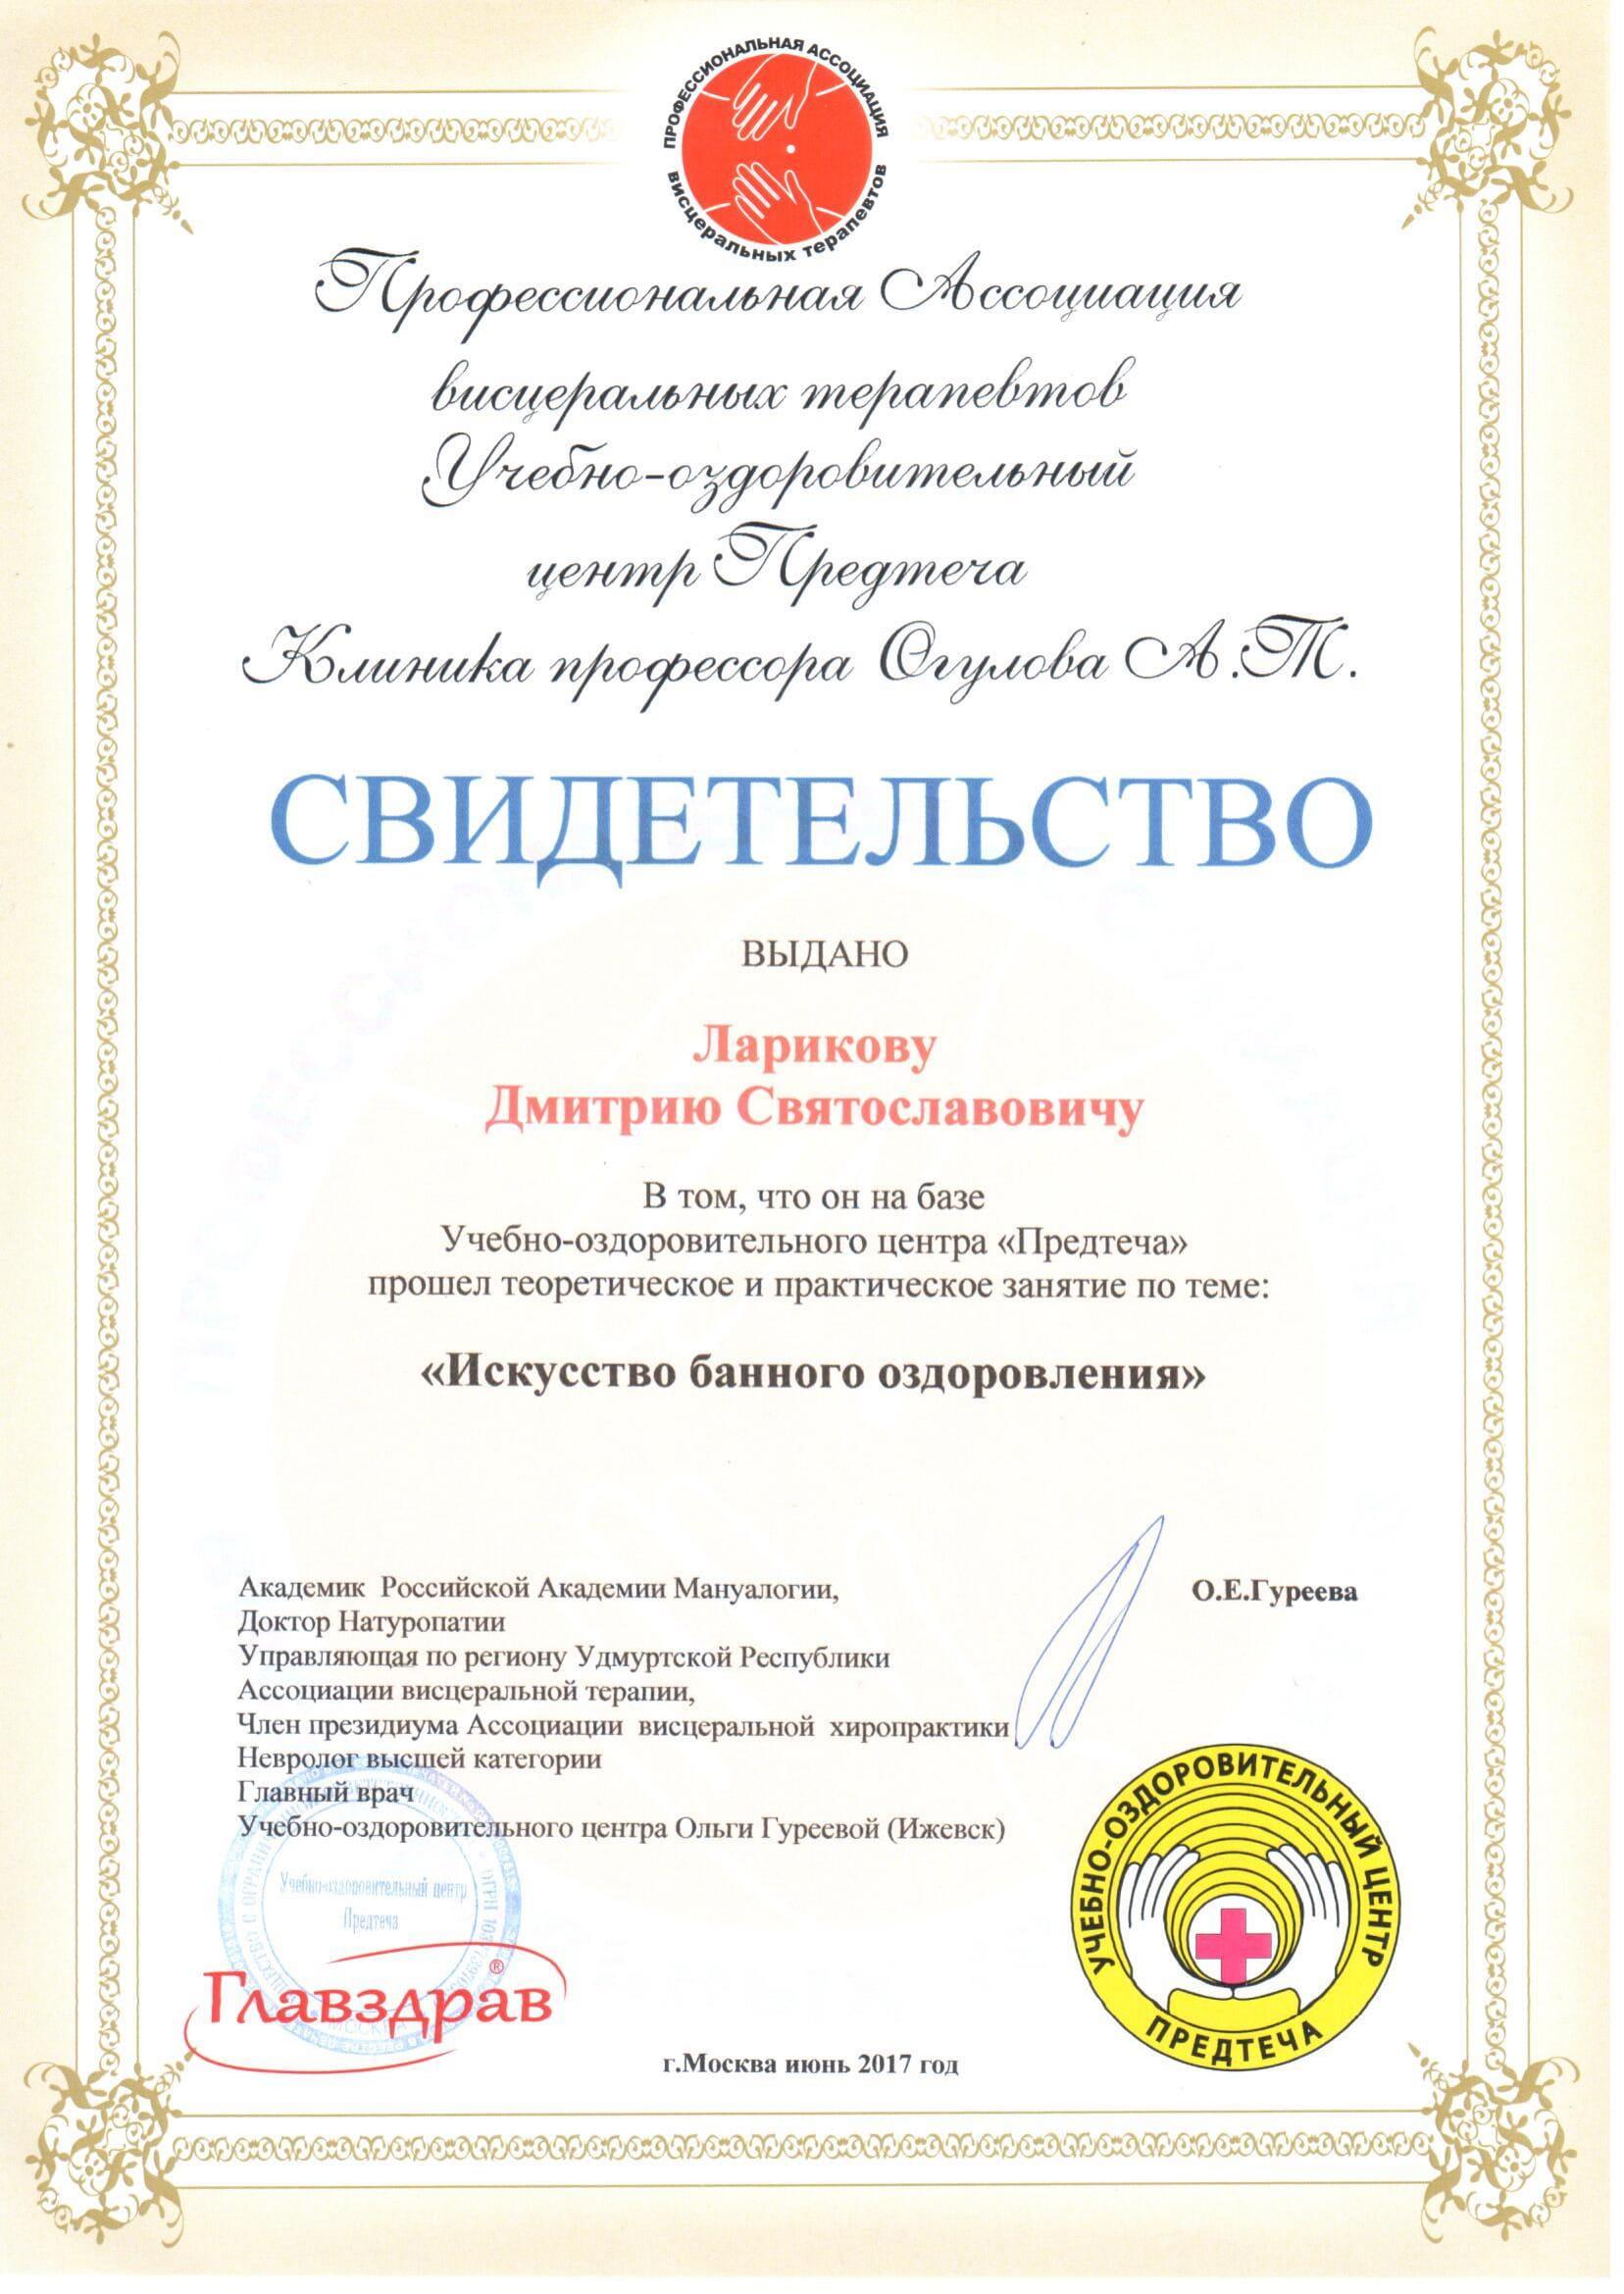 Сертификат Банное Оздоровление Лариков И